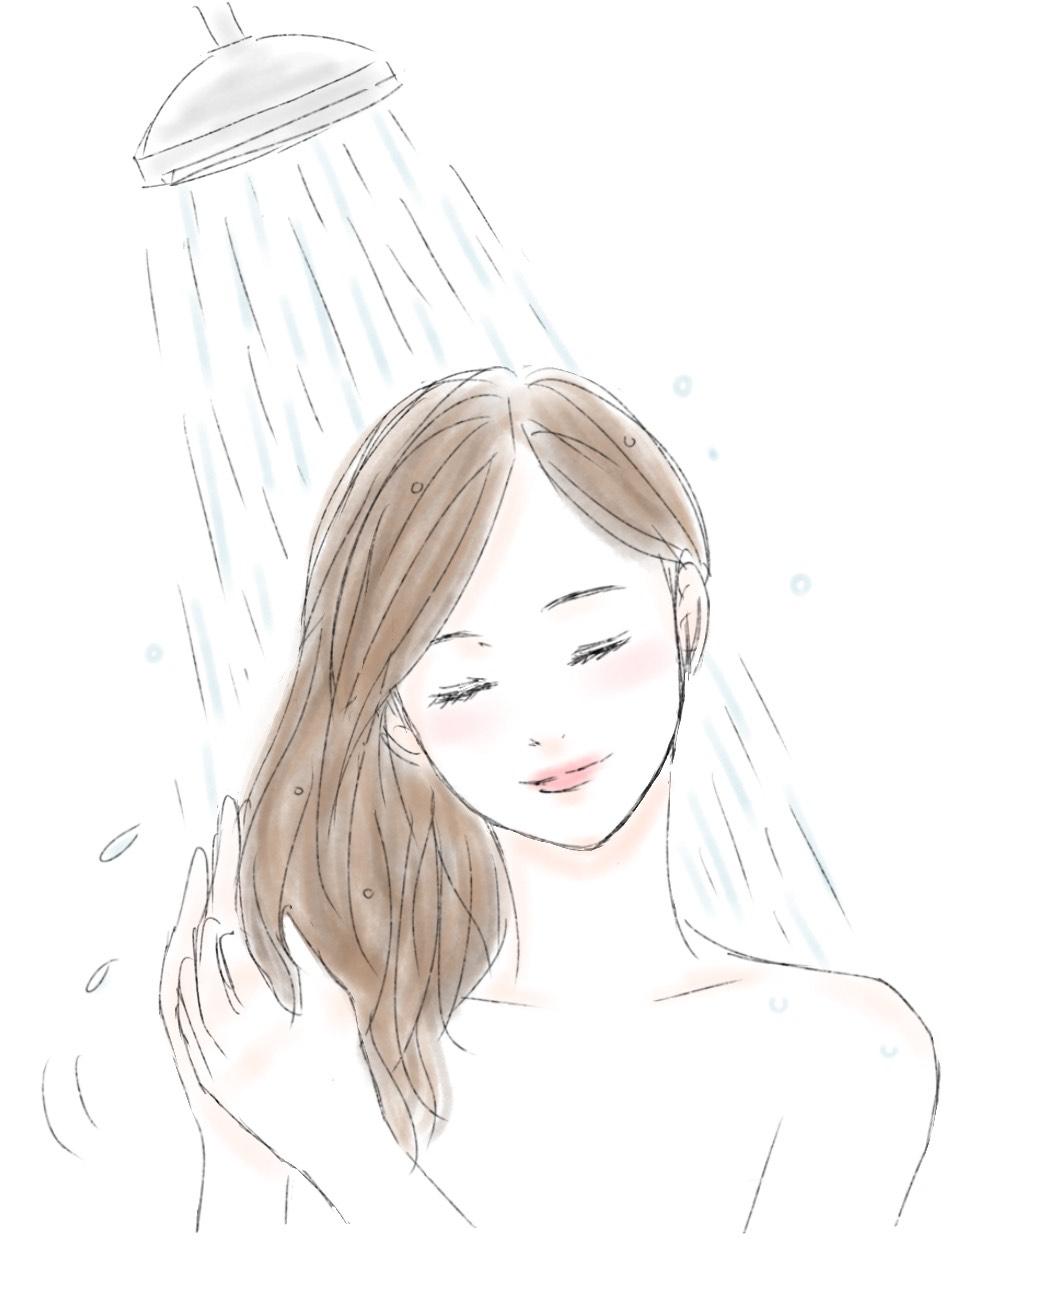 シャンプーをする前に髪の湯洗いをする女性